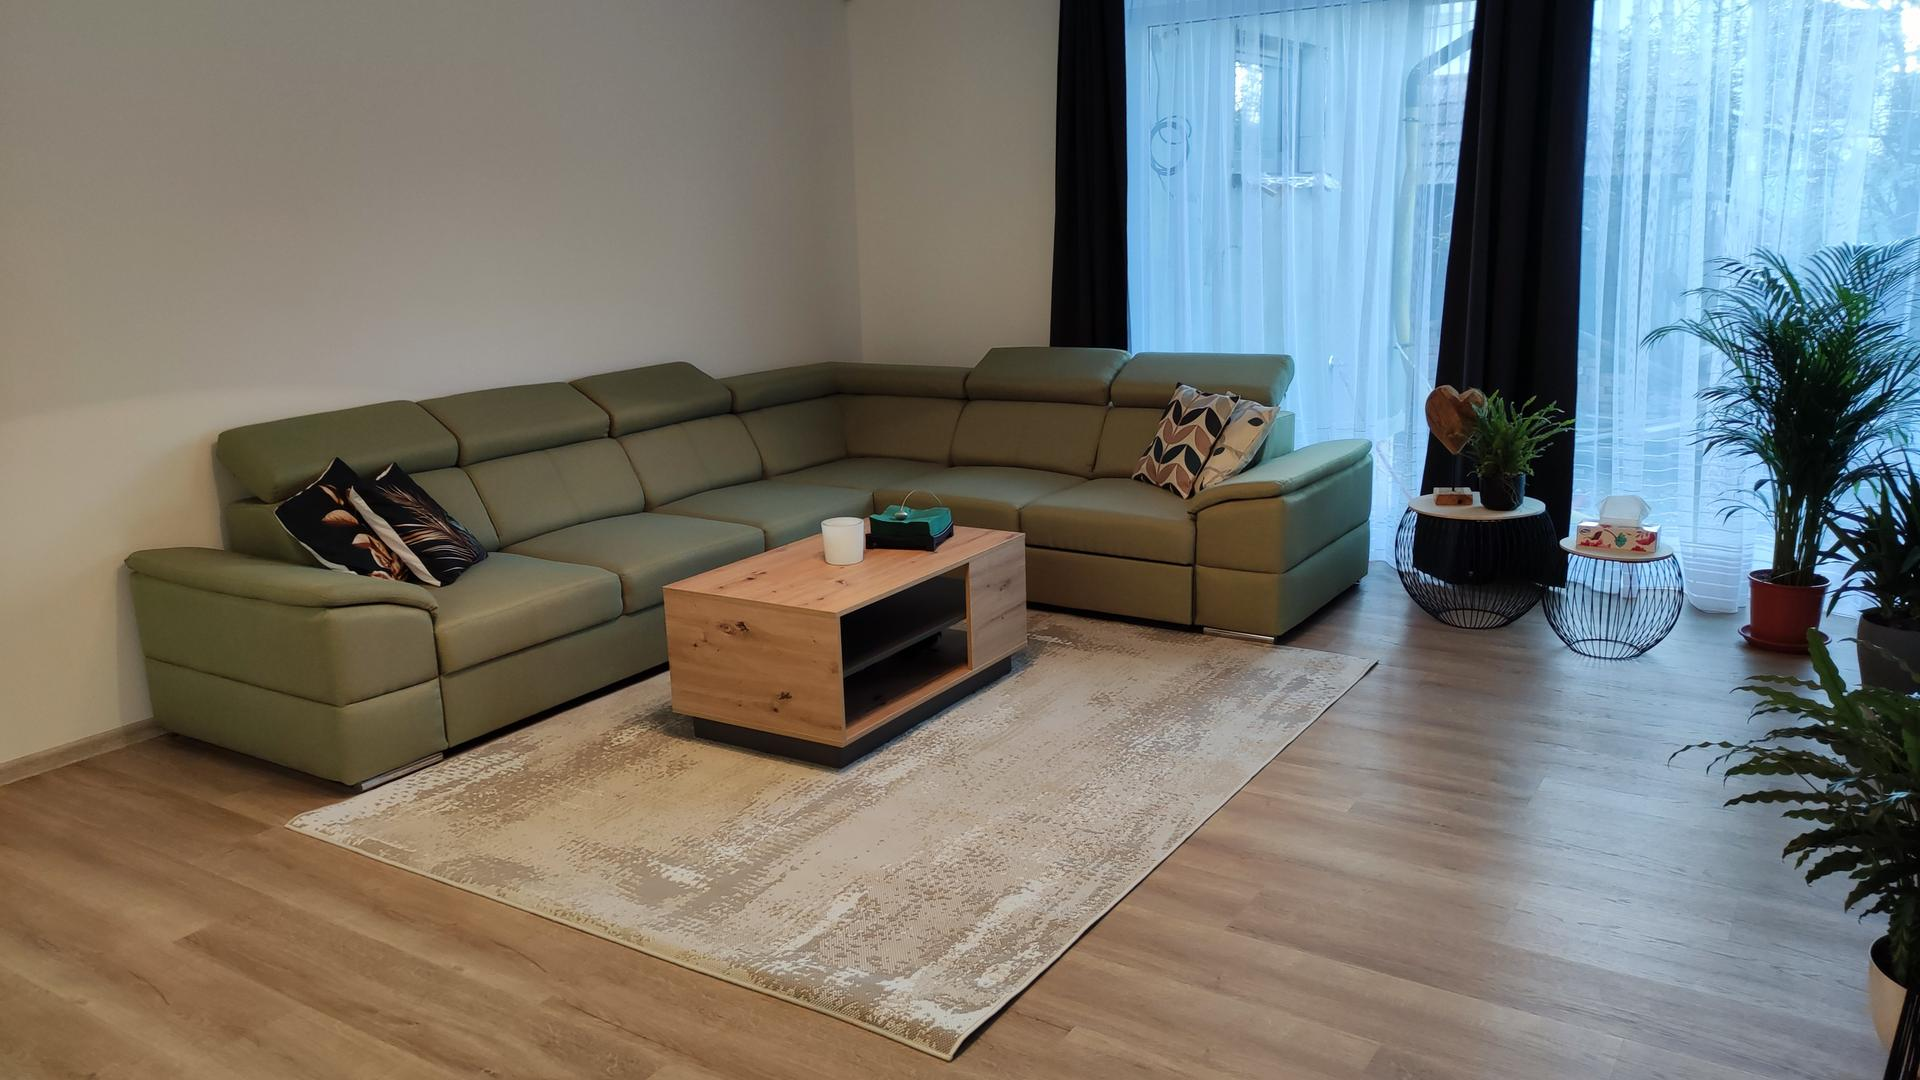 Dom vytvoríš rukami, domov jedine srdcom - ,,Zútulňujeme,, už by som mala mať zákaz vstupu do IKEA 😁